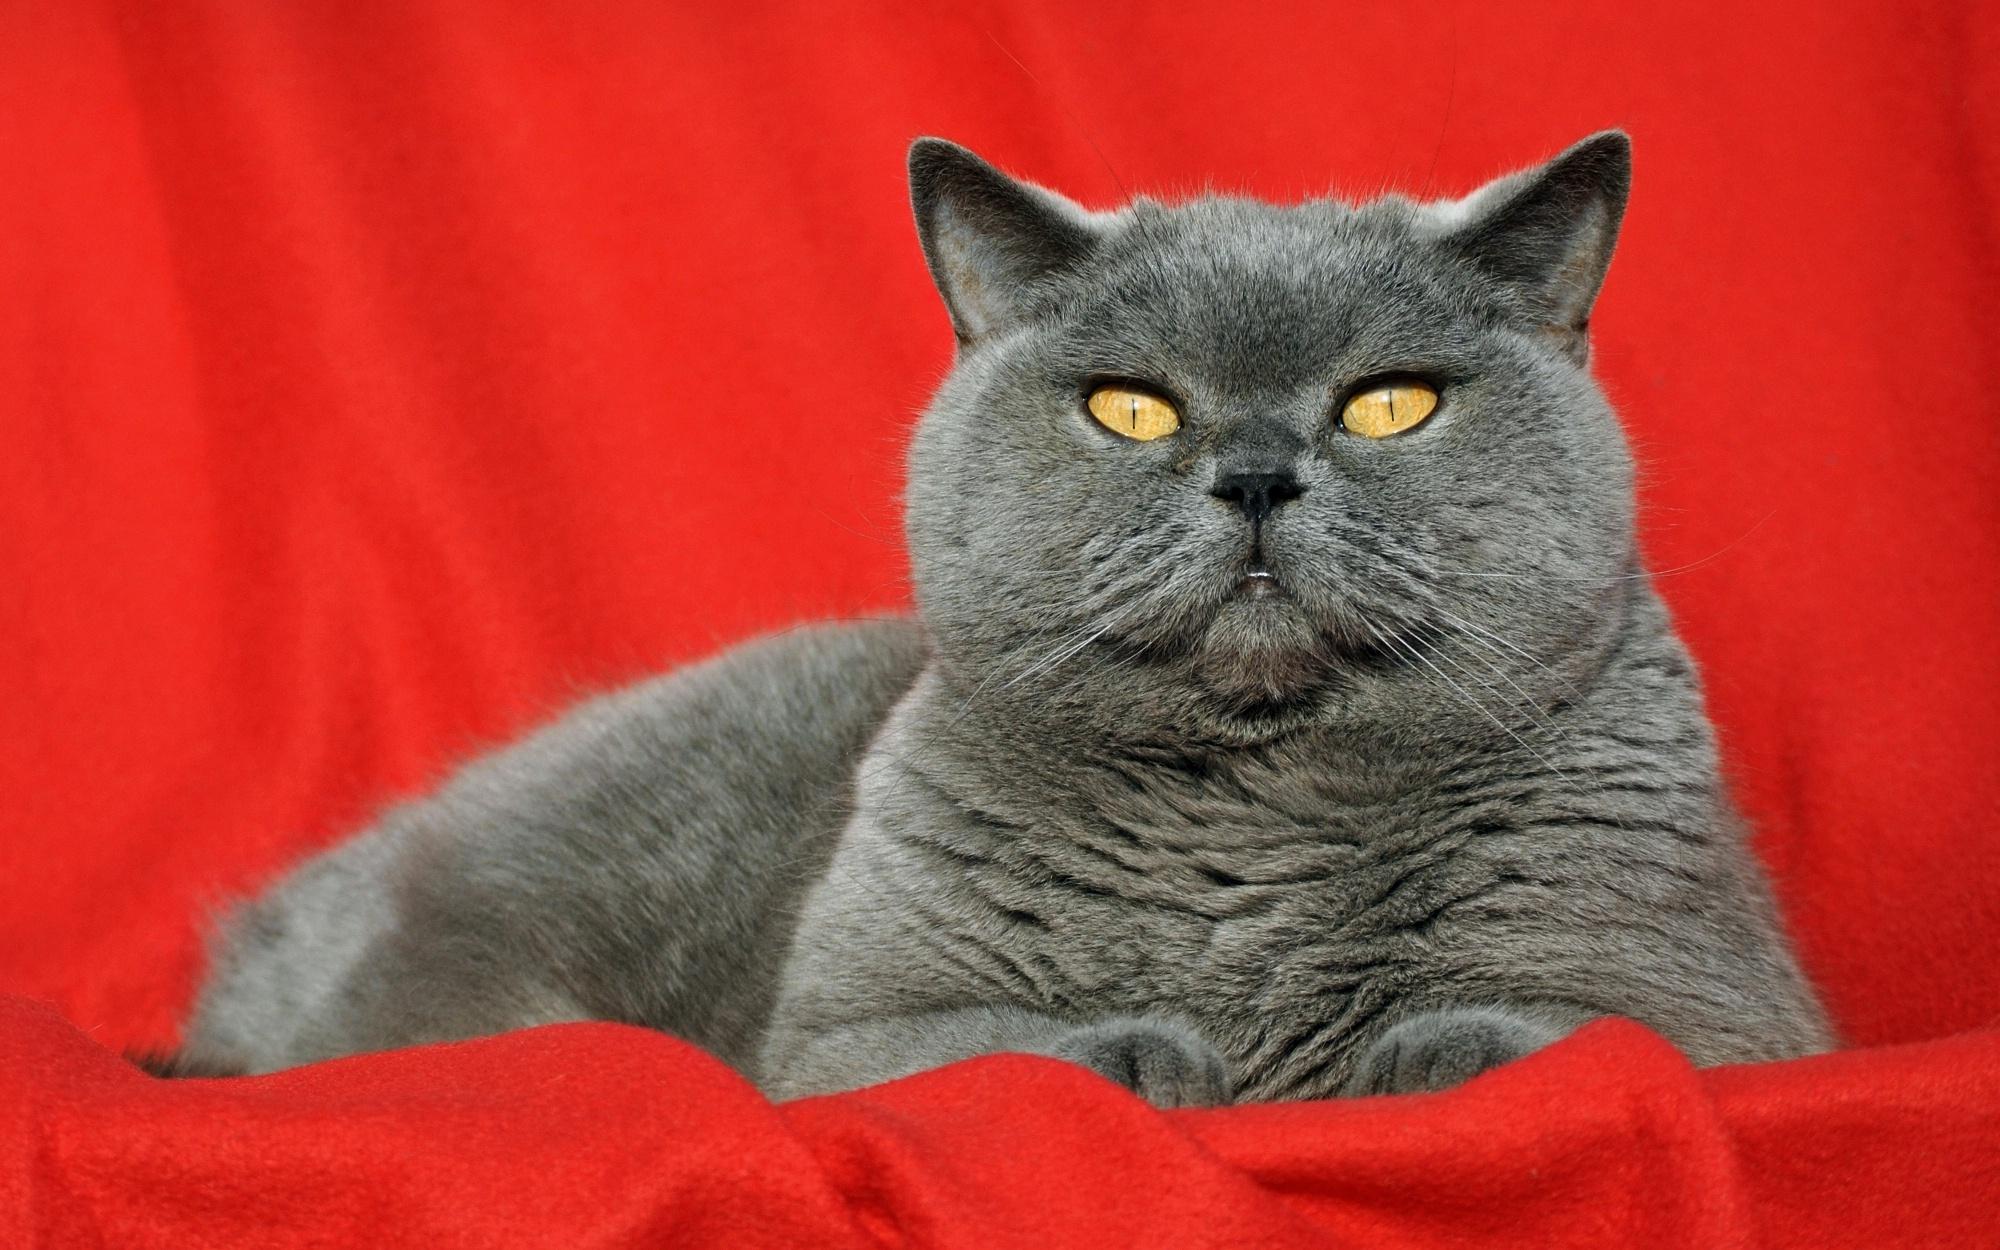 часы-скелетоны часы фото красивых британских кошек на рабочий стол полностьюзефир фотостудия интерьерная